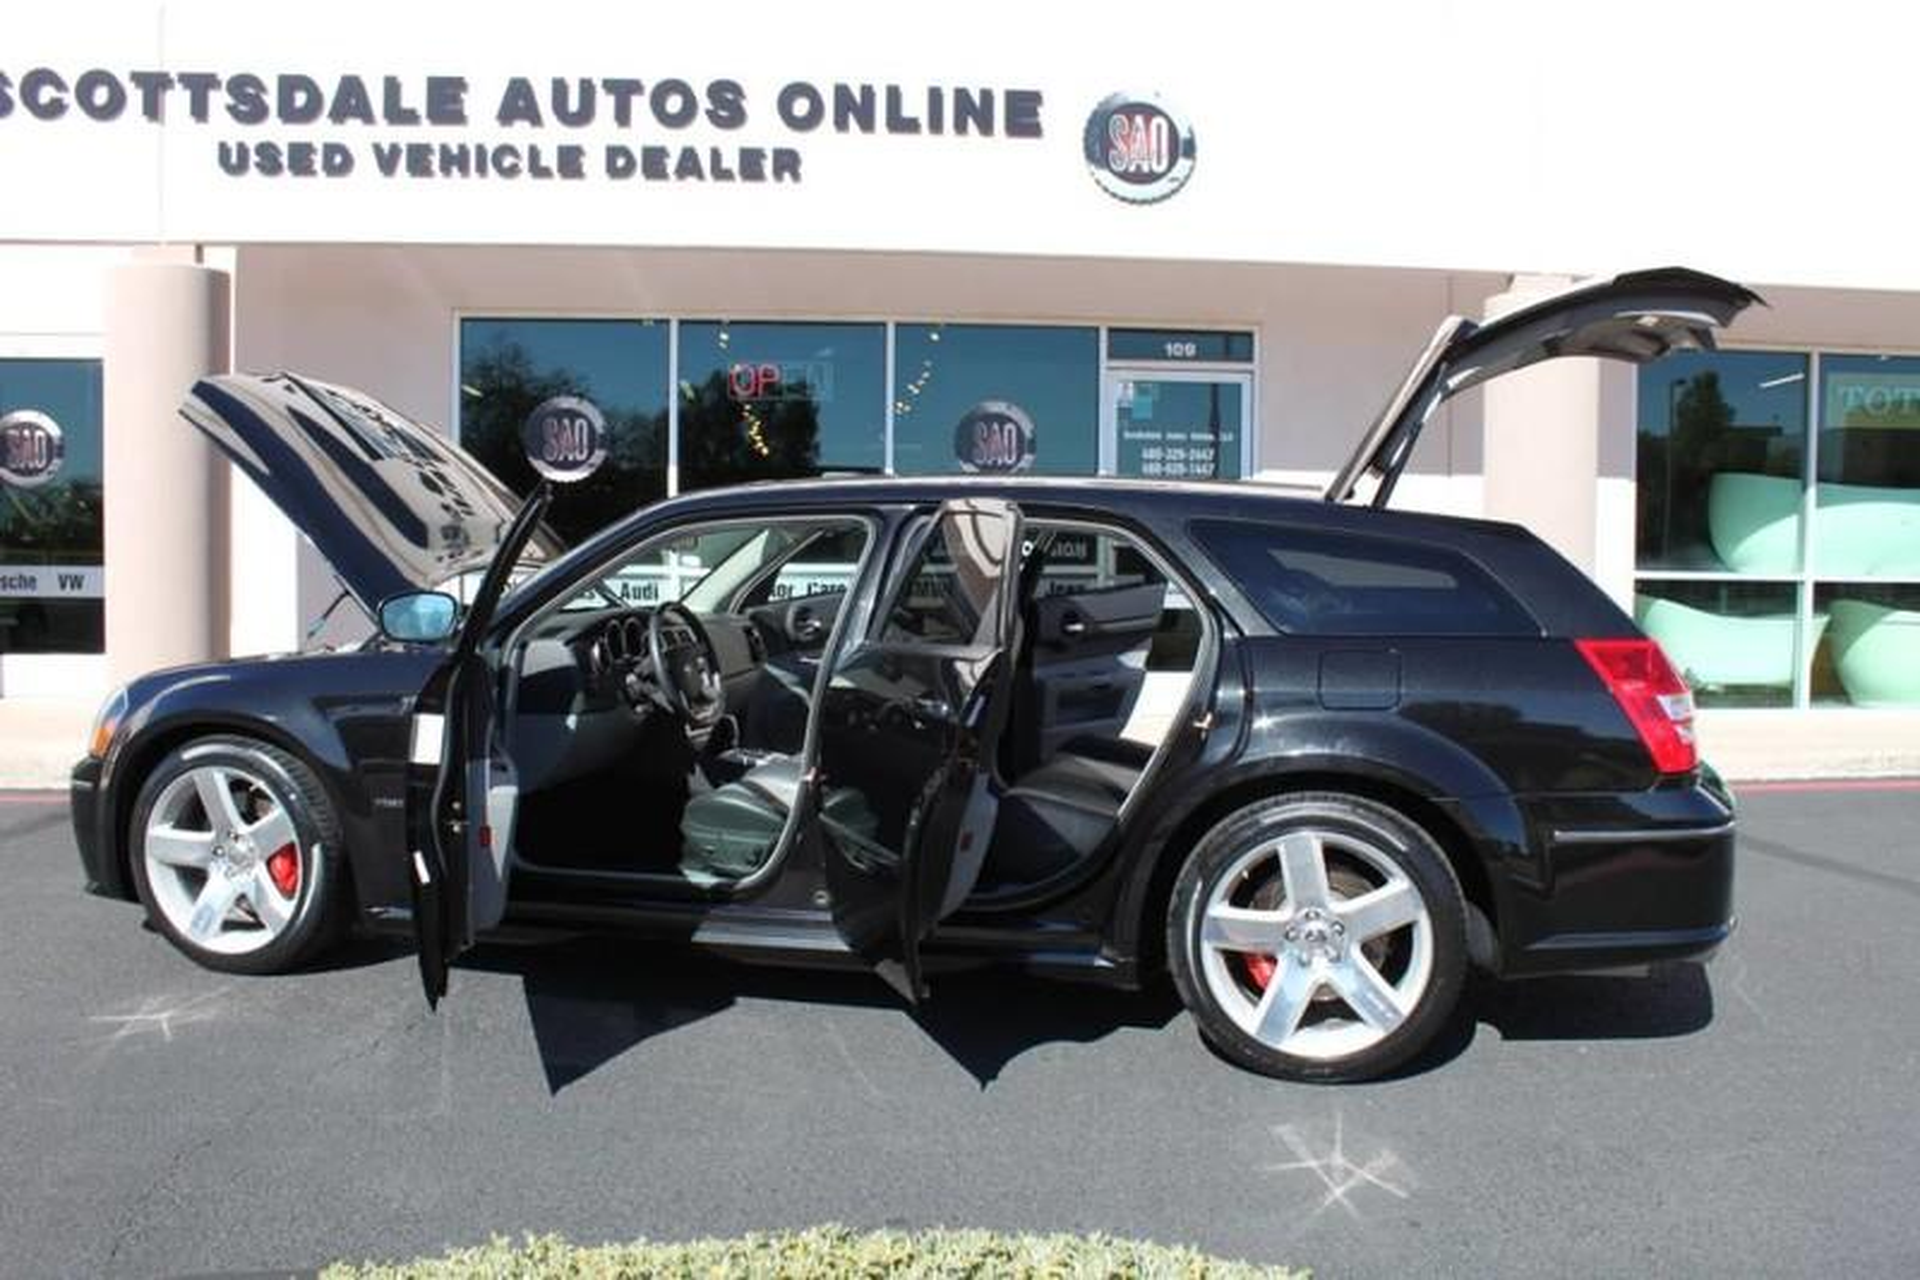 Used-2006-Dodge-Magnum-SRT8-BMW